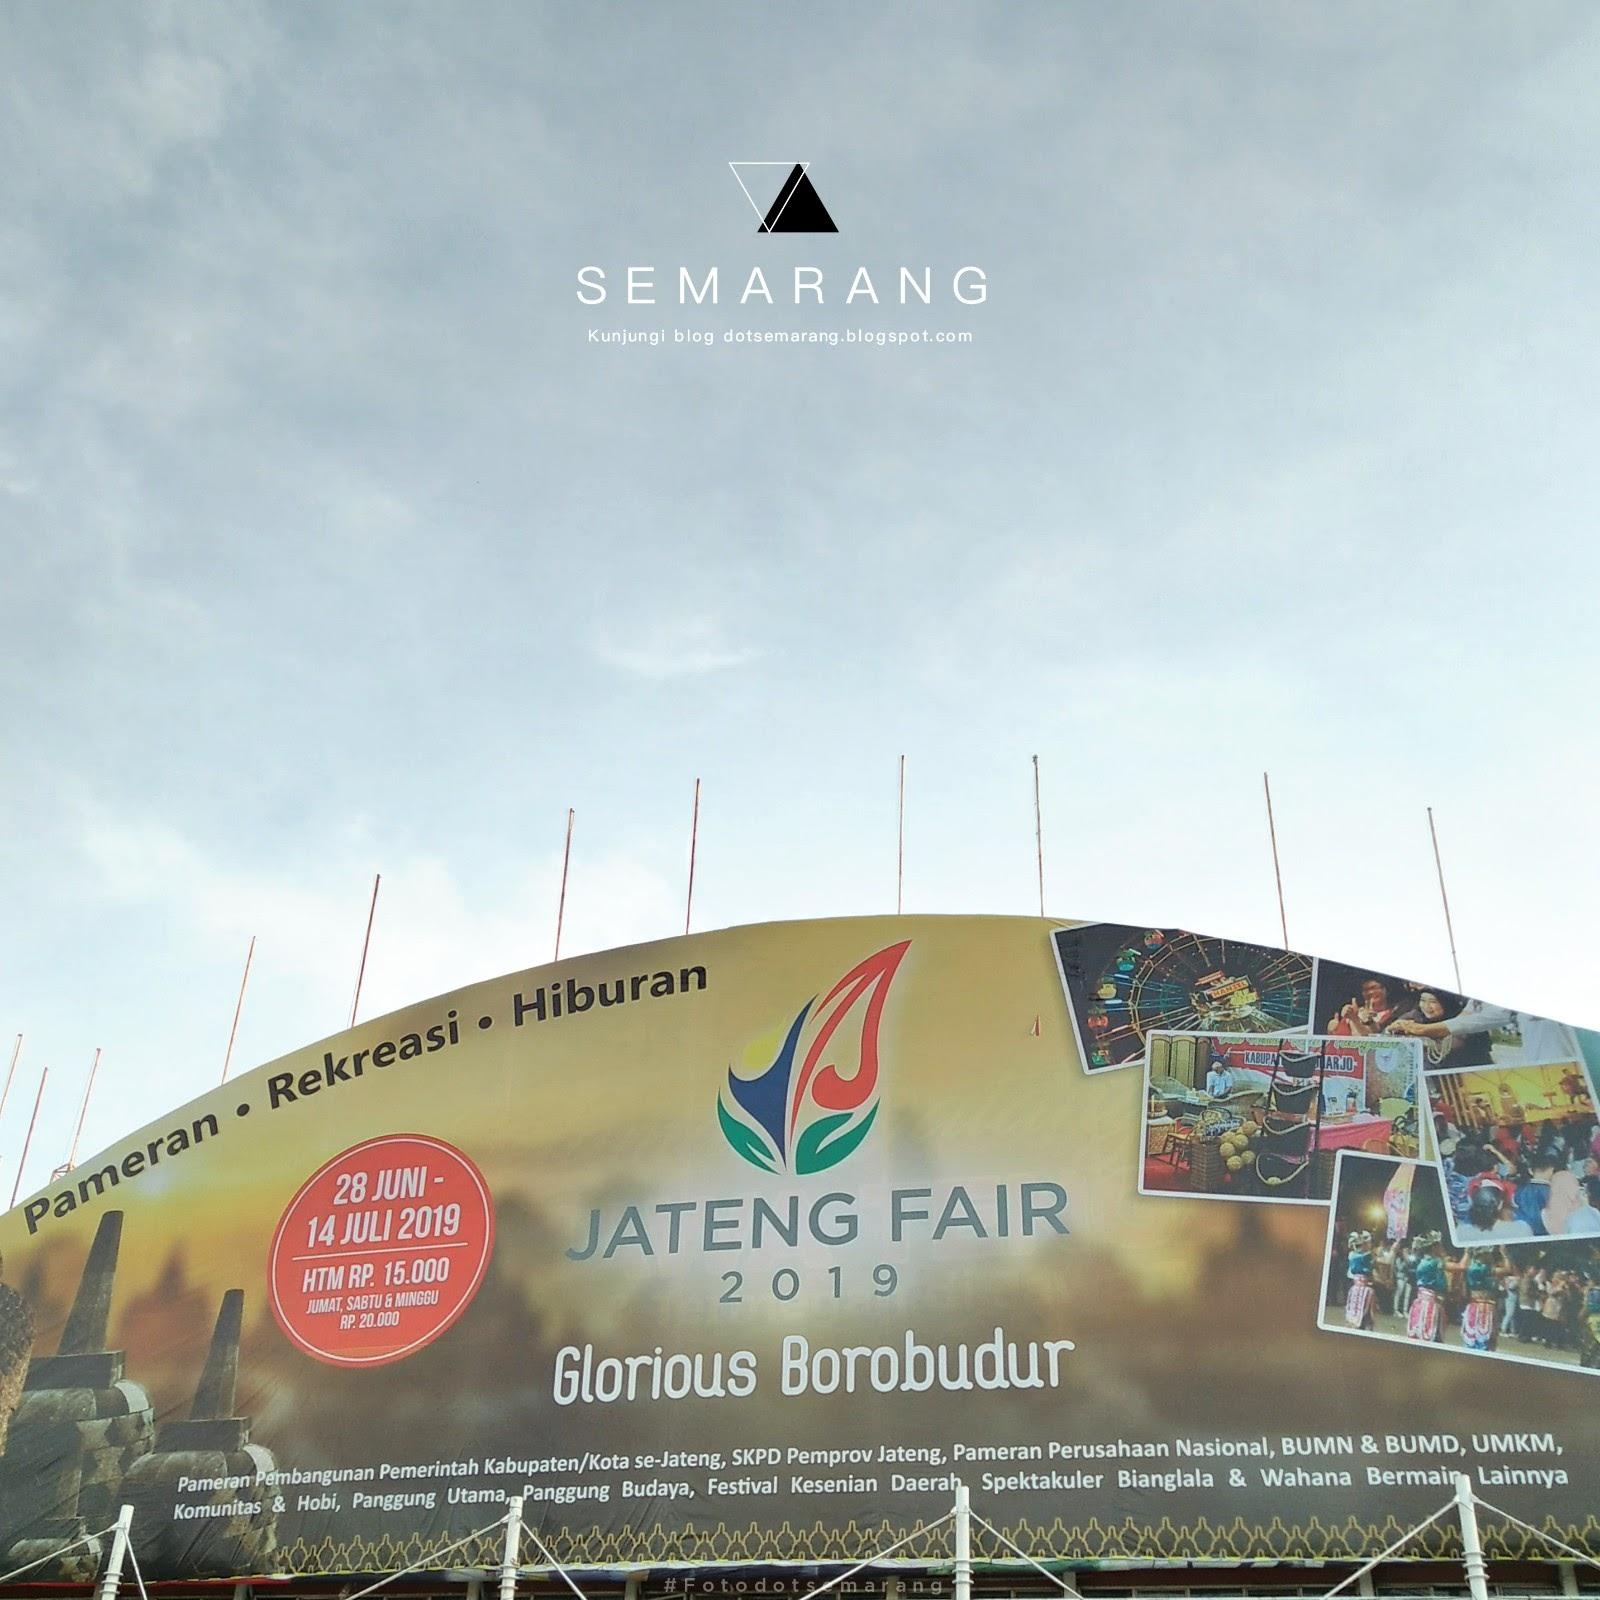 Agenda Jateng Fair 2019